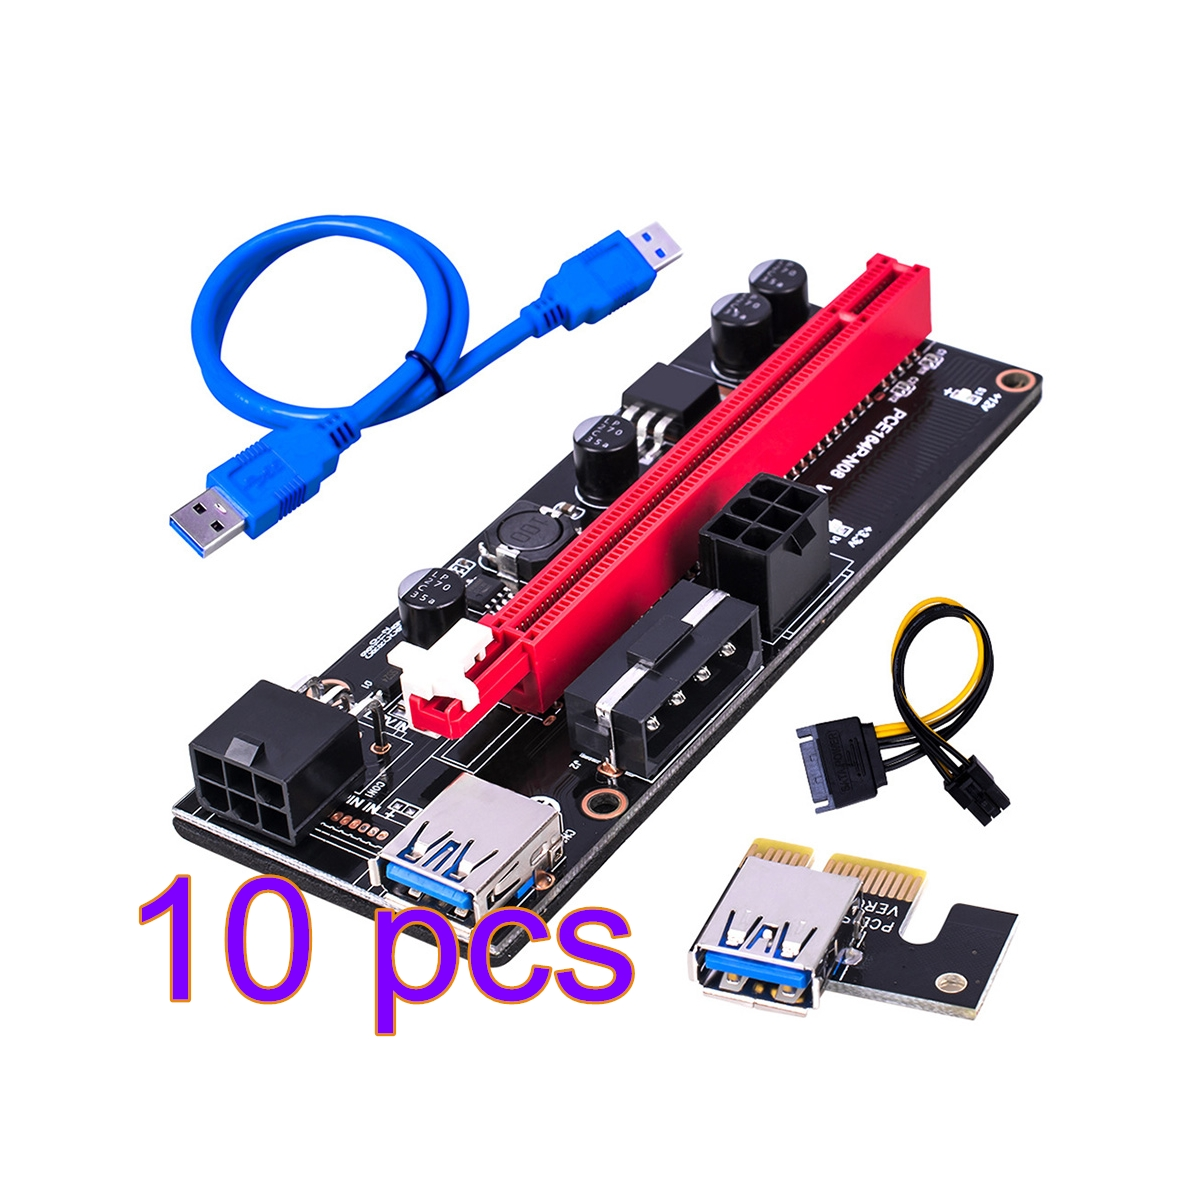 Плата расширения PCI-E 1X до 16X 10 шт., Райзер-карта, адаптер для графического процессора PCI-E USB 3,0 с 6-контактным интерфейсом, синий